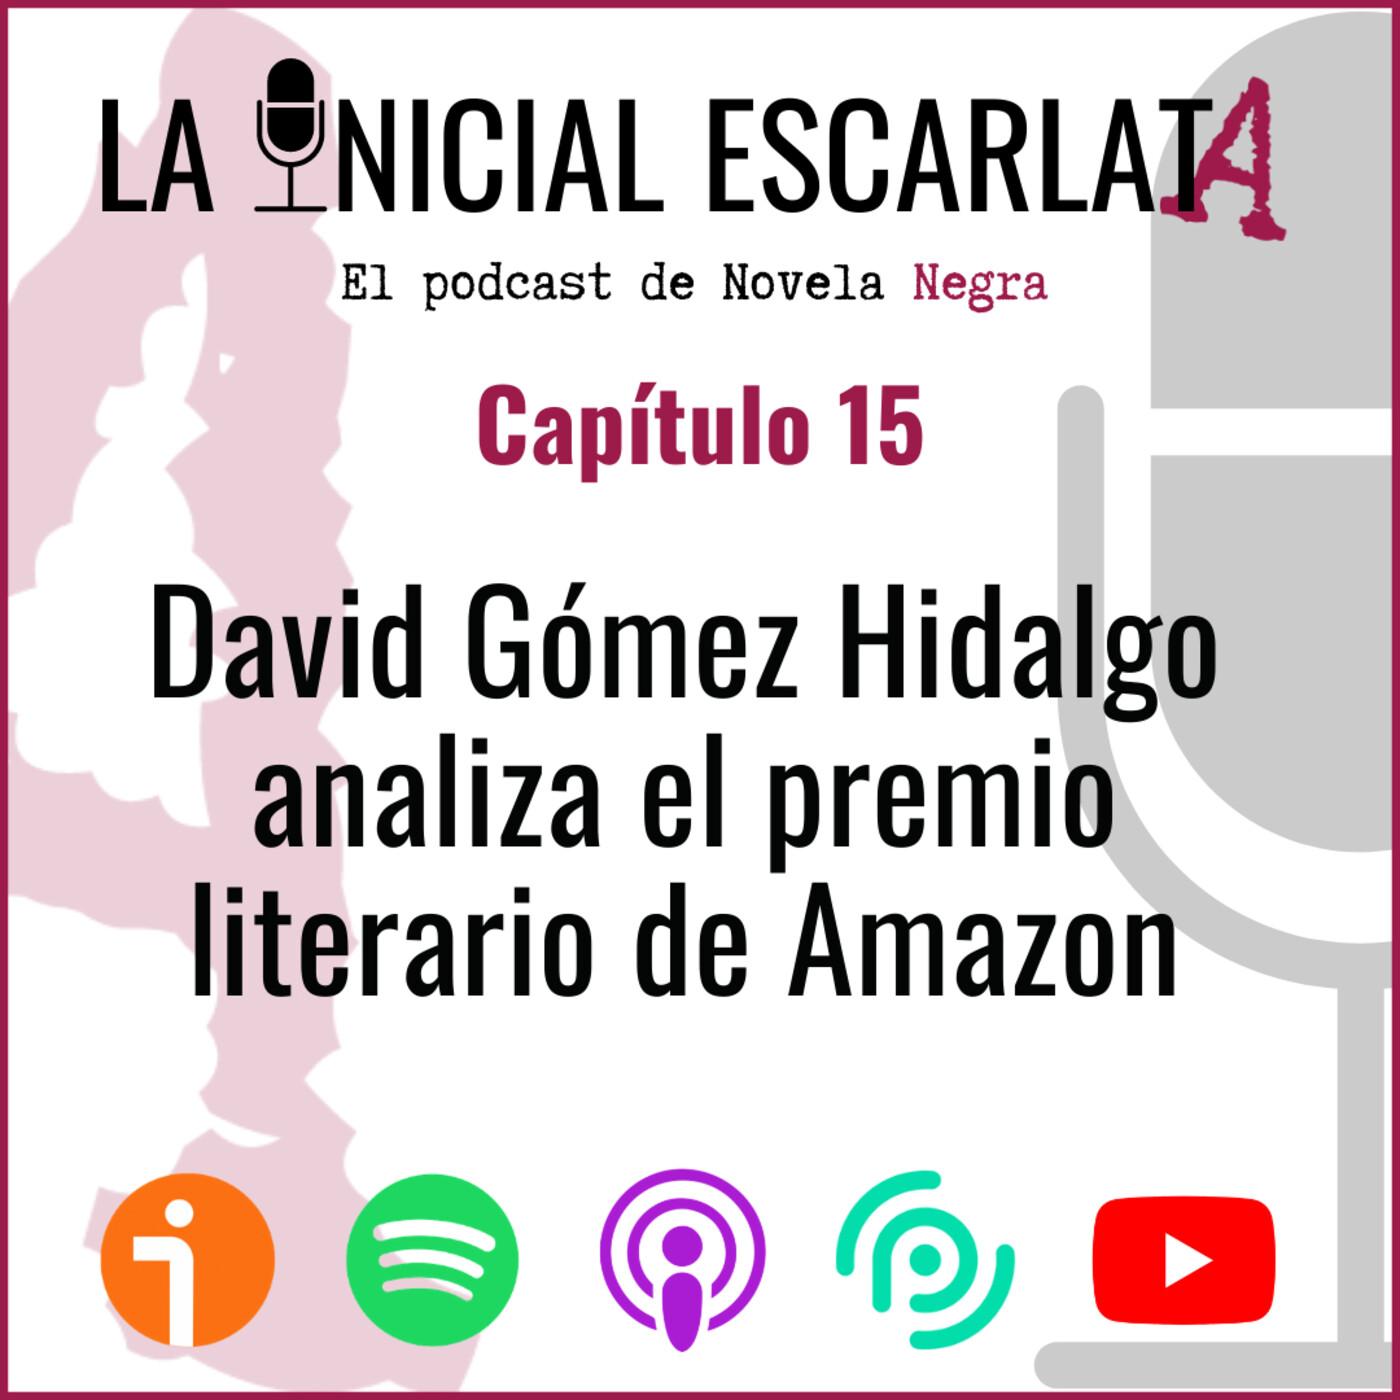 Capítulo 15: David Gómez Hidalgo analiza el premio literario de Amazon